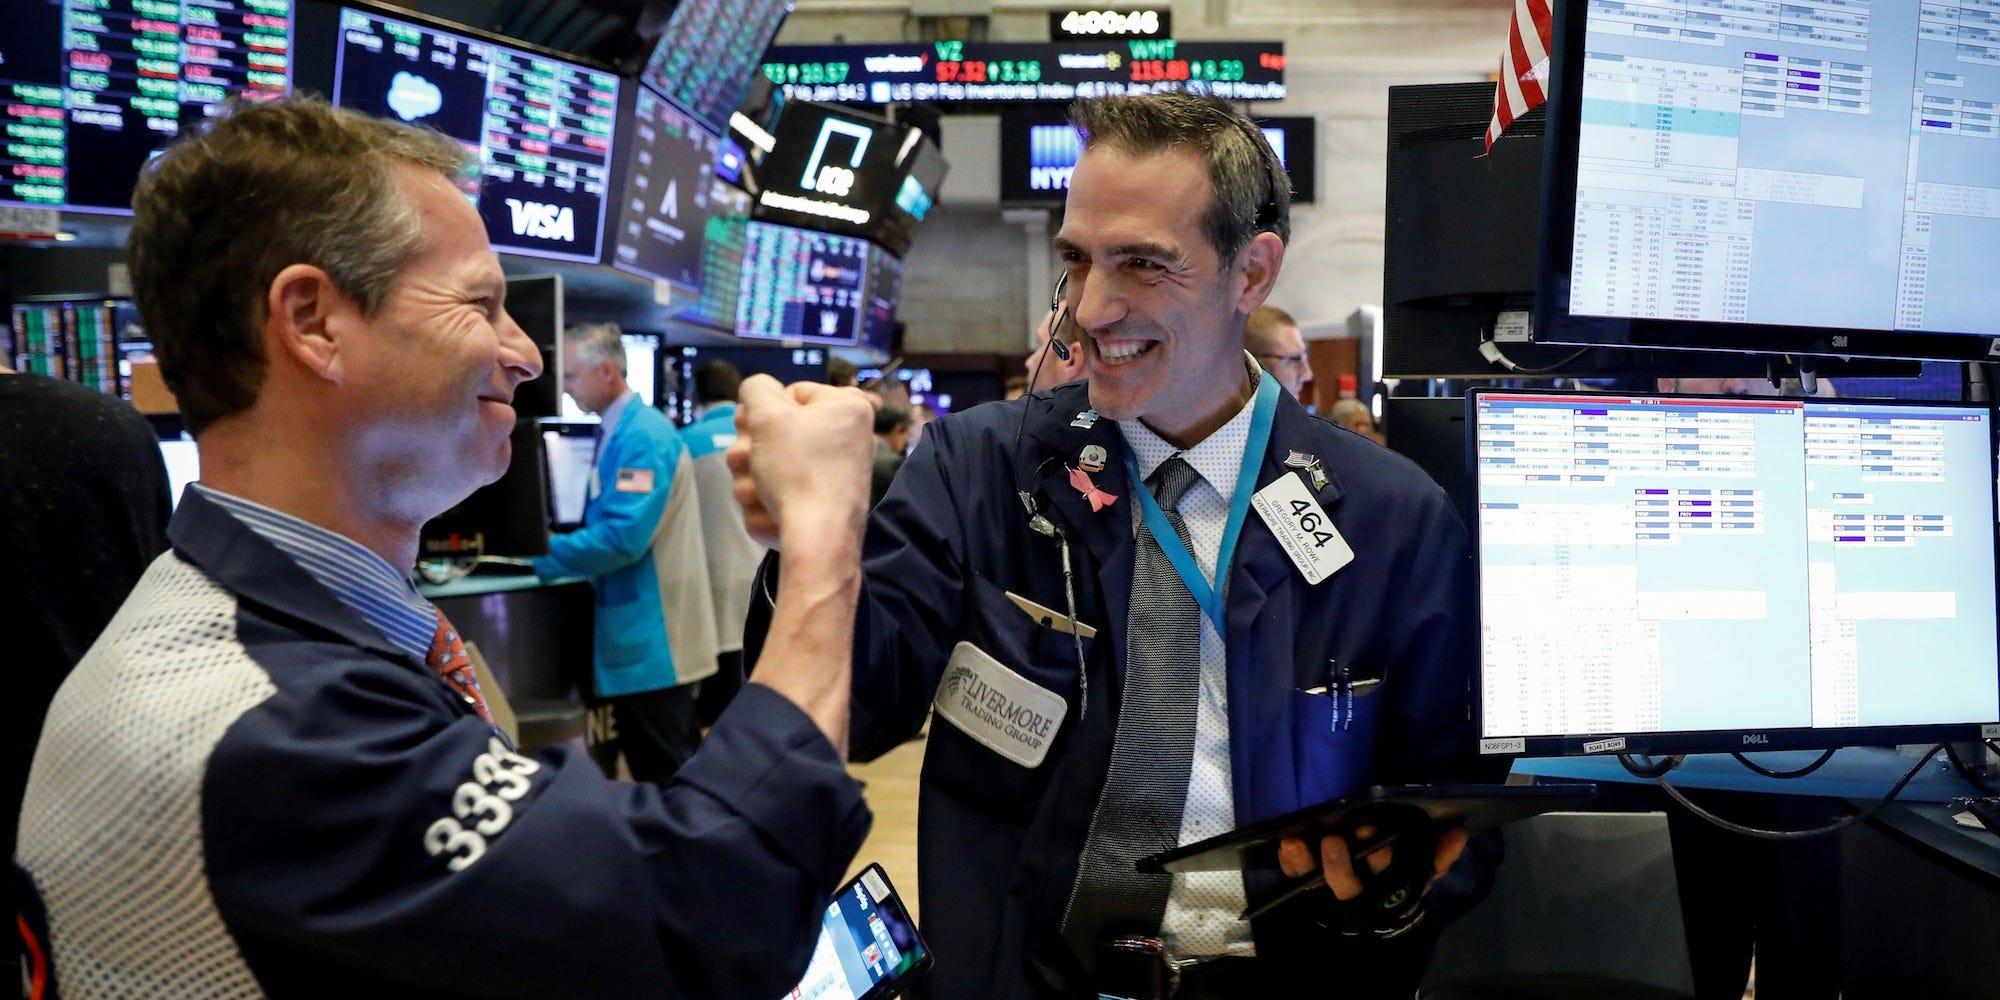 Cổ phiếu năng lượng 'thăng hoa', Phố Wall lập đỉnh lịch sử